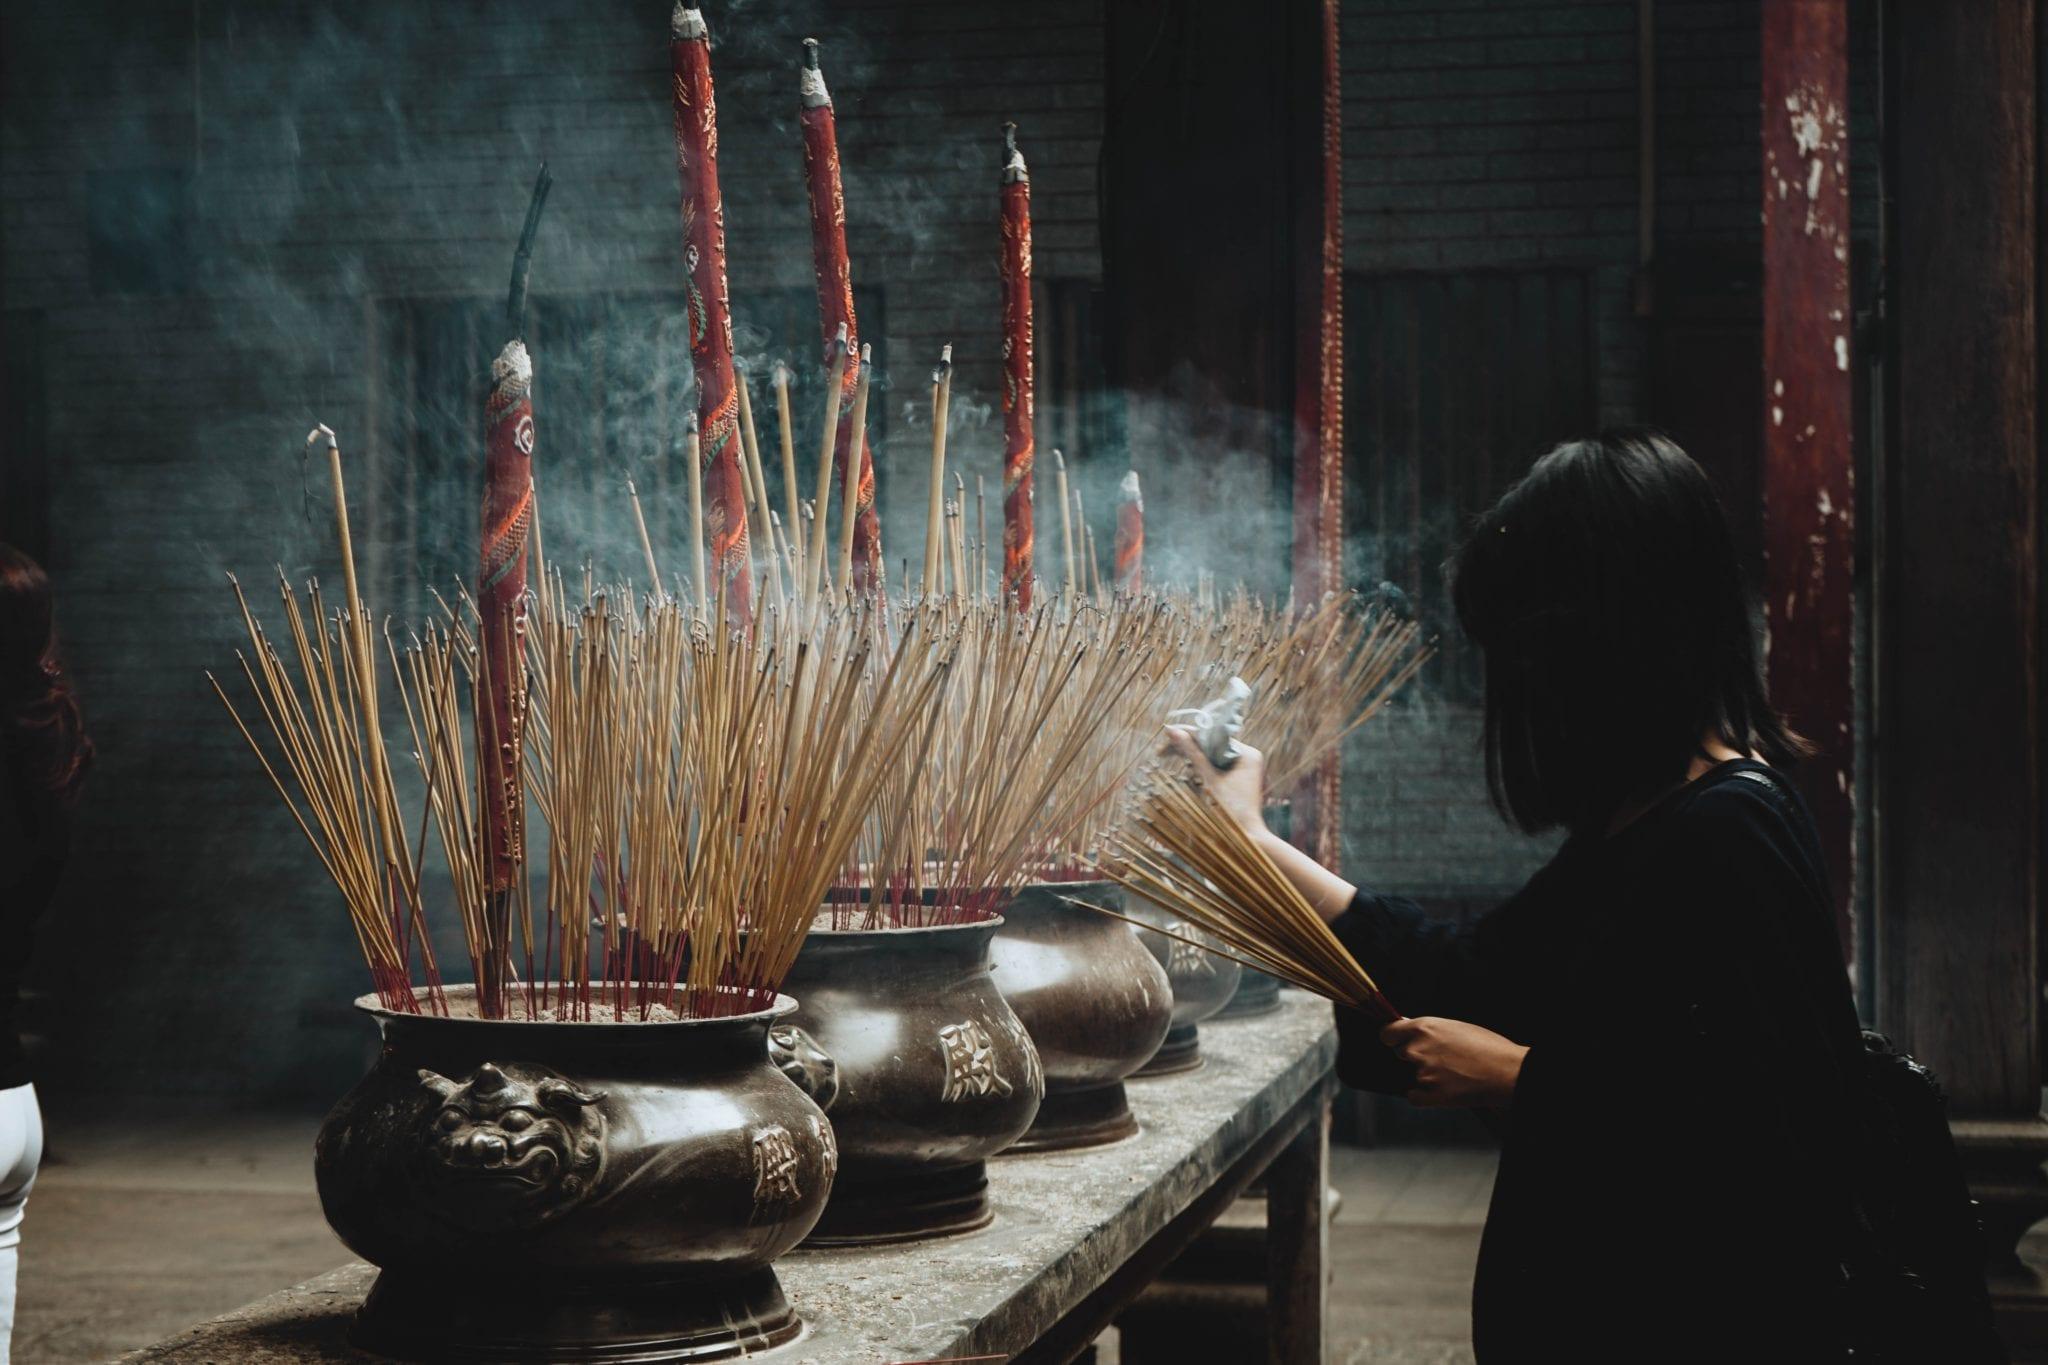 ของขวัญวันตรุษจีน ตรุษจีน 2019 เทศกาลตรุษจีน ผลไม้มงคล